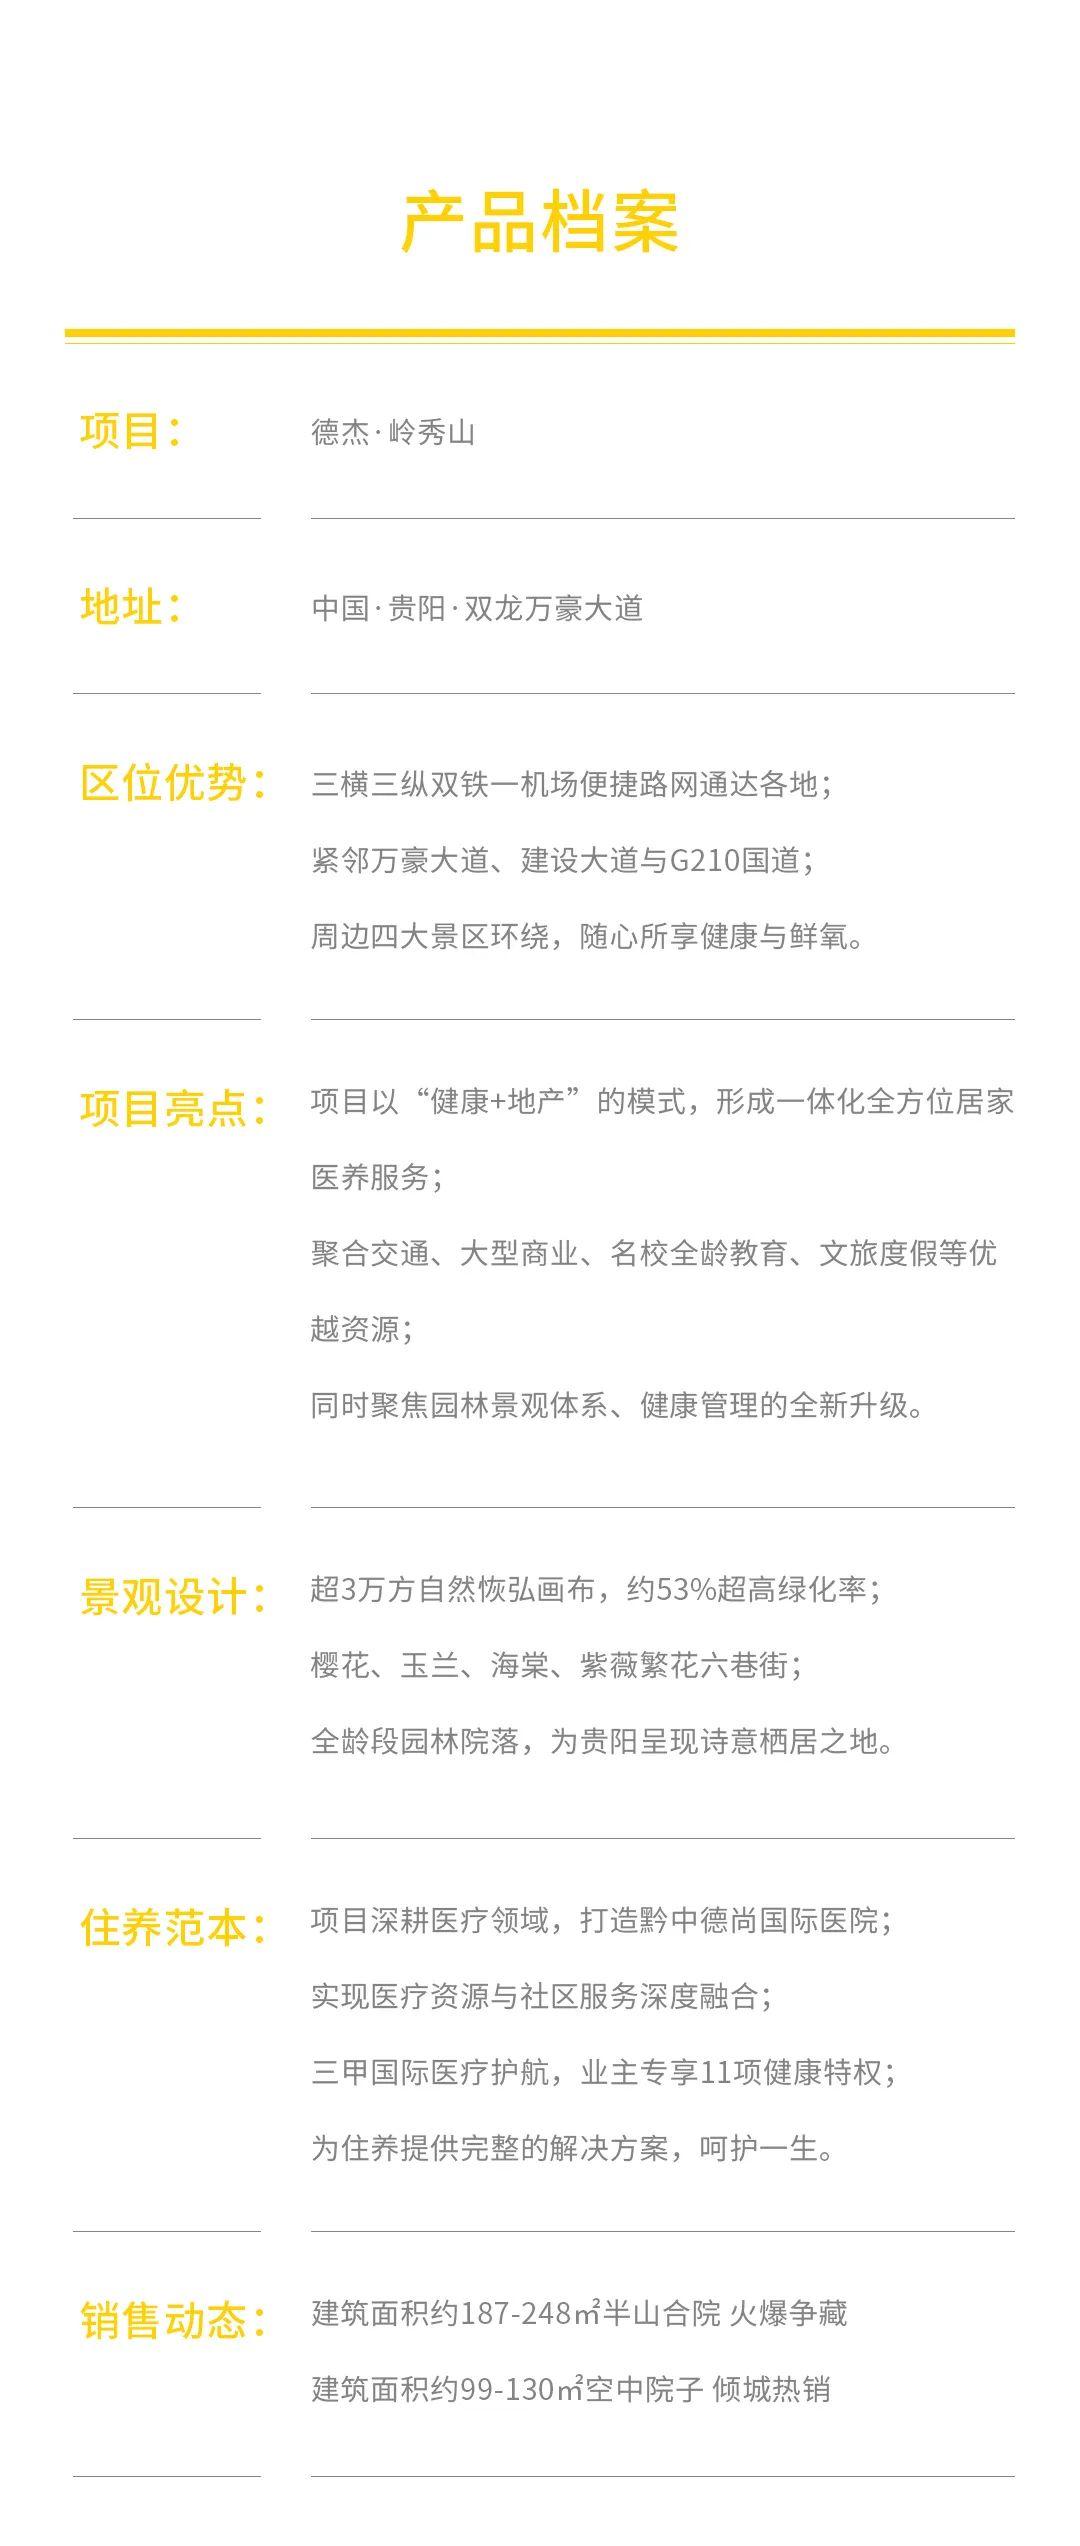 """2021 """"VICKY'Z全球少儿模特大赛""""即将盛启,德杰岭秀山邀您共鉴"""